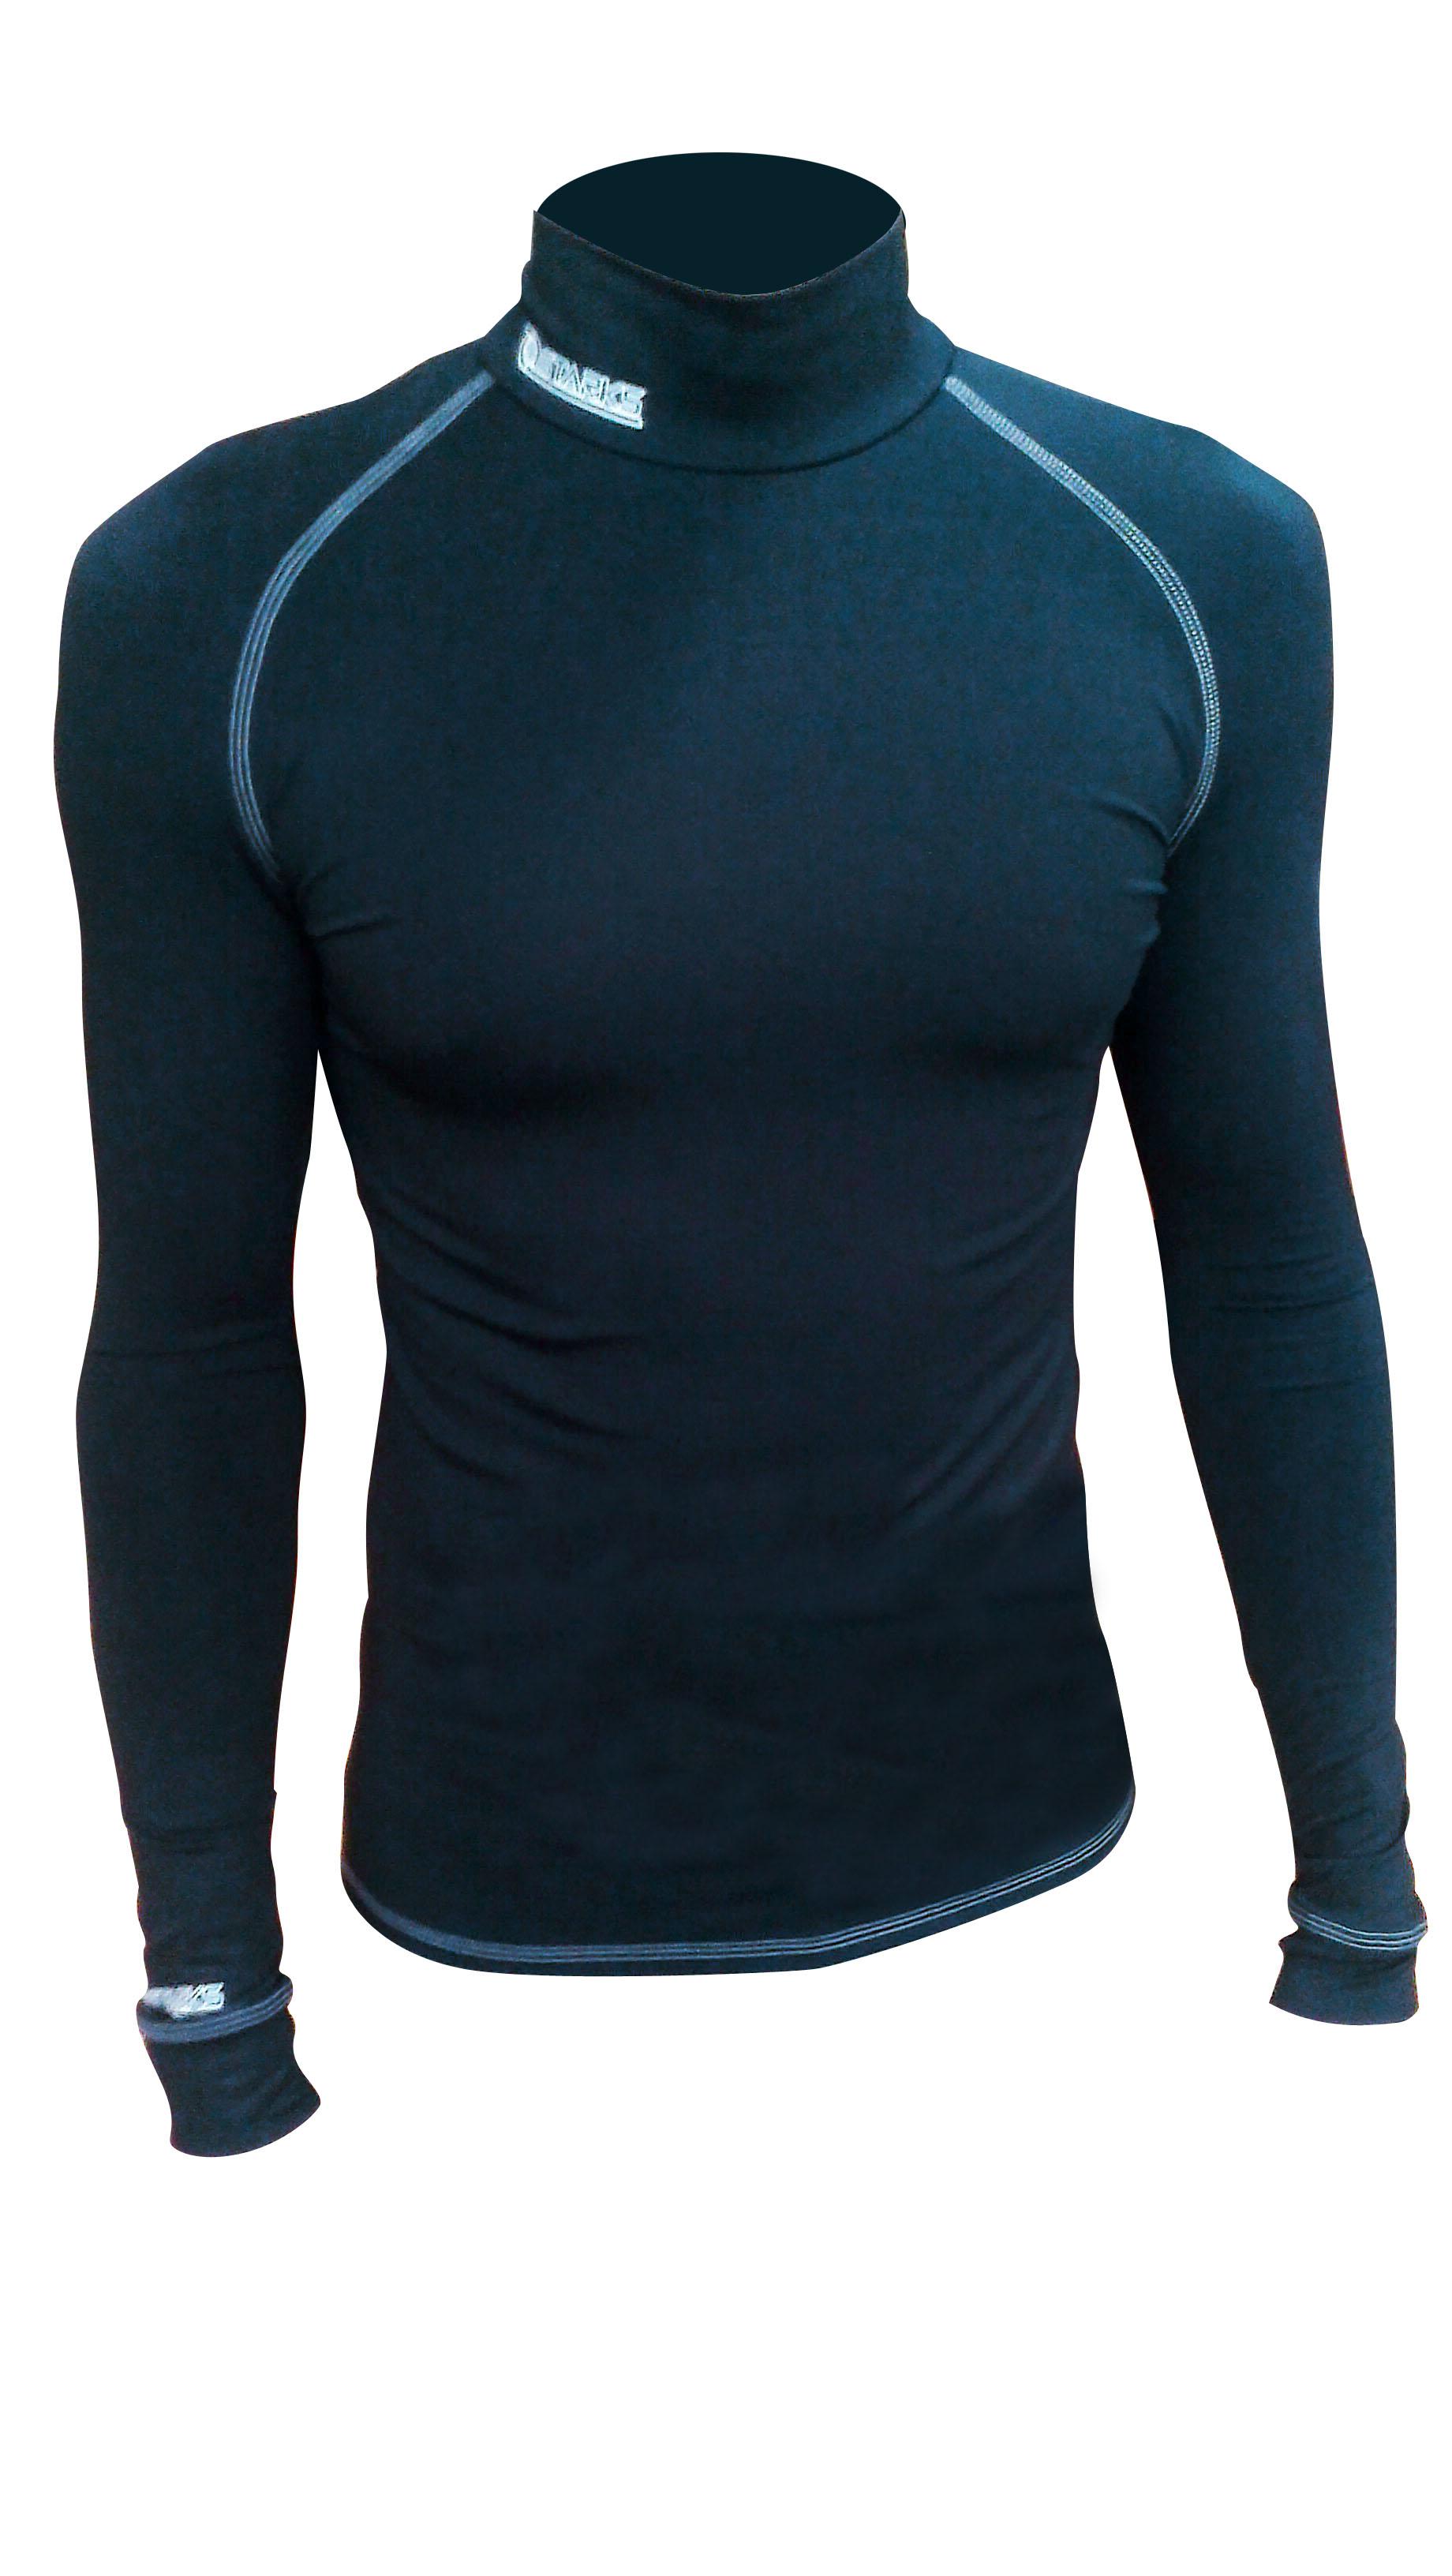 Термобелье кофта мужская Starks Warm, зимняя, цвет: черный. Размер XXLЛЦ0018_XXL_МужАнатомическое термобелье, выполнено из Европейской сертифицированной ткани Polarstretch. Высокие эластичные свойства материала позволяют белью максимально повторять индивидуальную анатомию тела, эффект второй кожи. Отличные влагоотводящиесвойства, что позволяет телу оставаться сухим. Высокие термоизоляционные свойства, позволяют исключить переохлаждение или перегрев. Воротник стойка обеспечивает защиту шеи от холода. Белье предназначено для активных физических нагрузок. Повседневное использование, в качестве демисезонного. Особенности: STOP BACTERIA Защита от перегрева или переохлаждения Эластичные, мягкие плоские швы Гипоаллергенно Состав: 92%-полиэстер, 8%-эластан